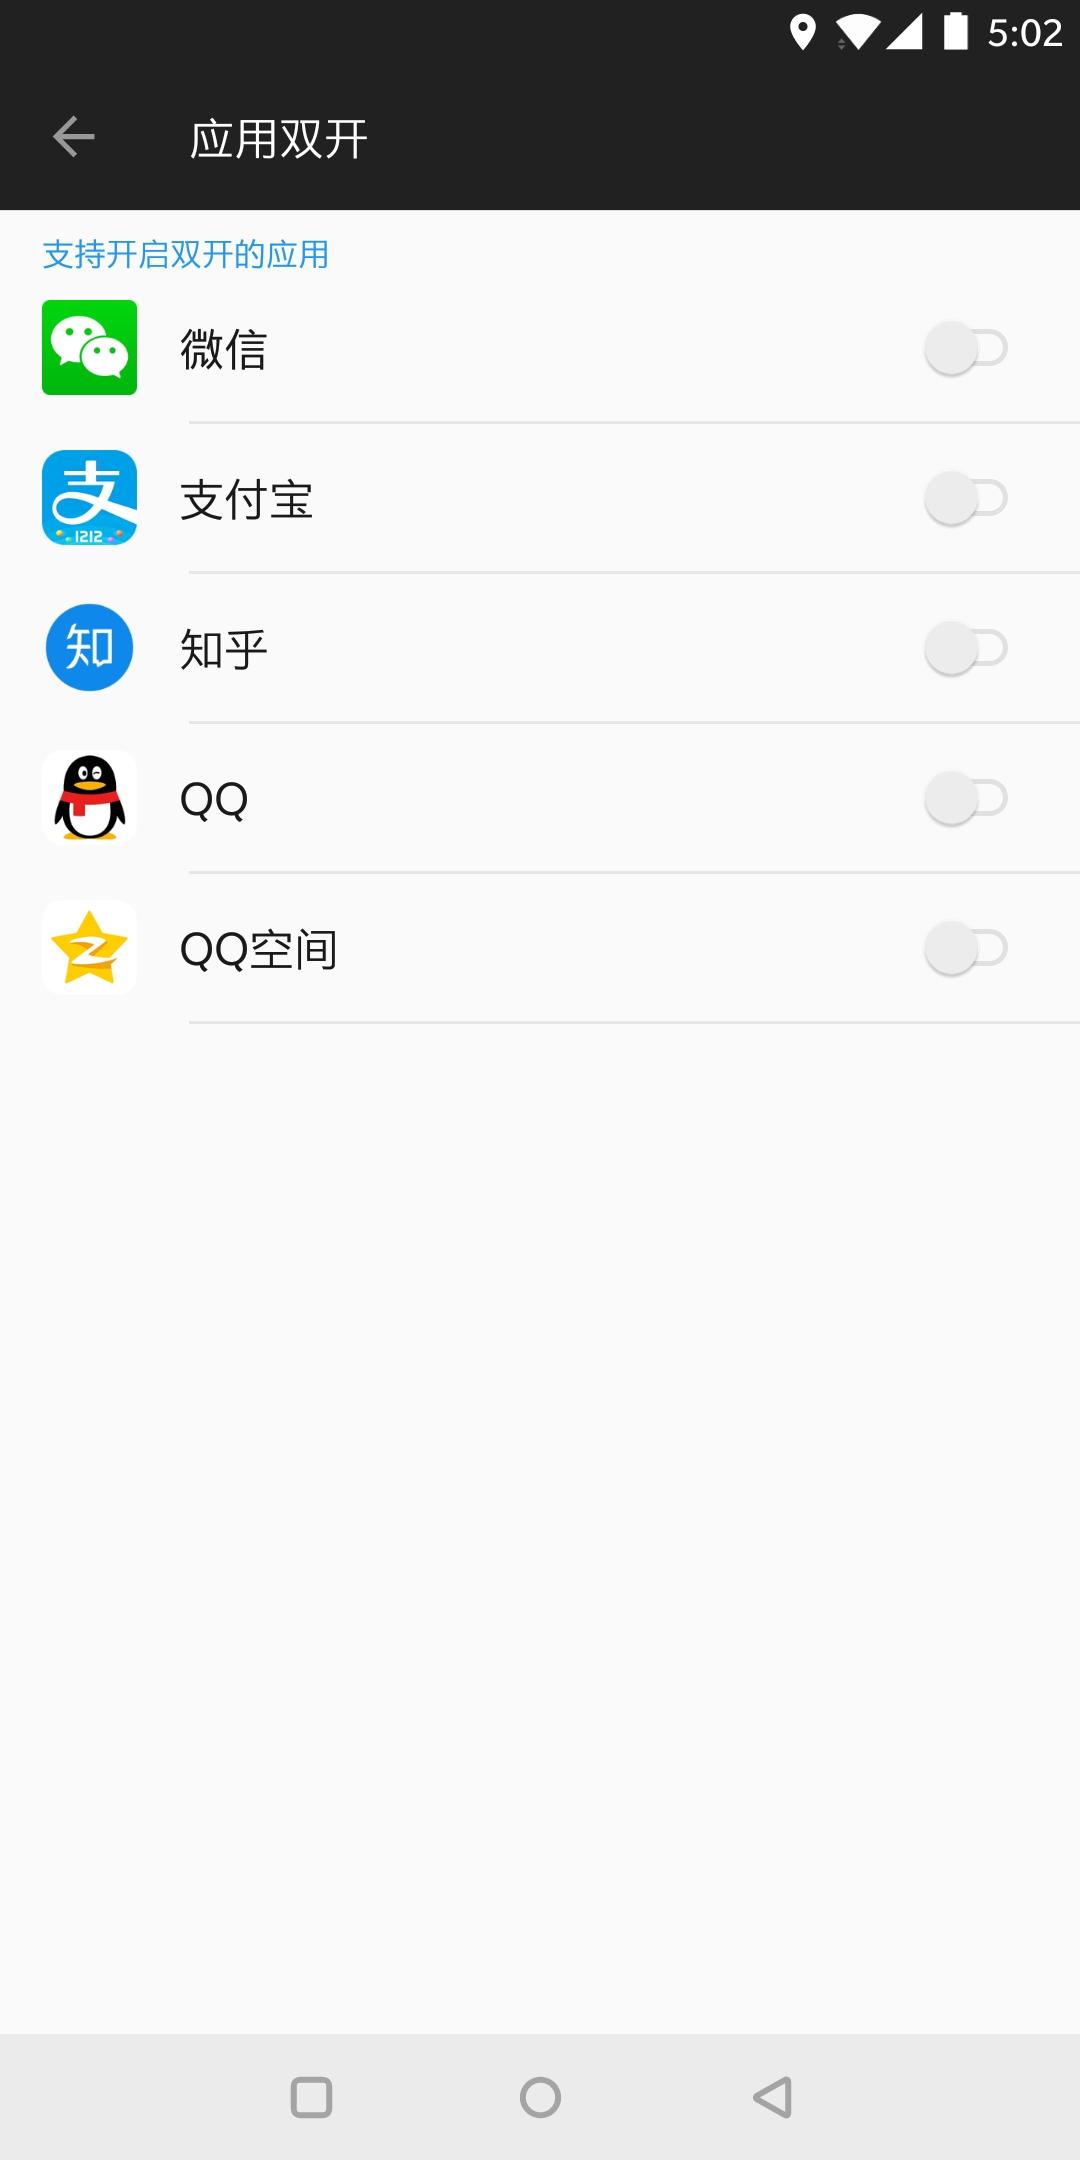 QQ图片20171203172727.jpg